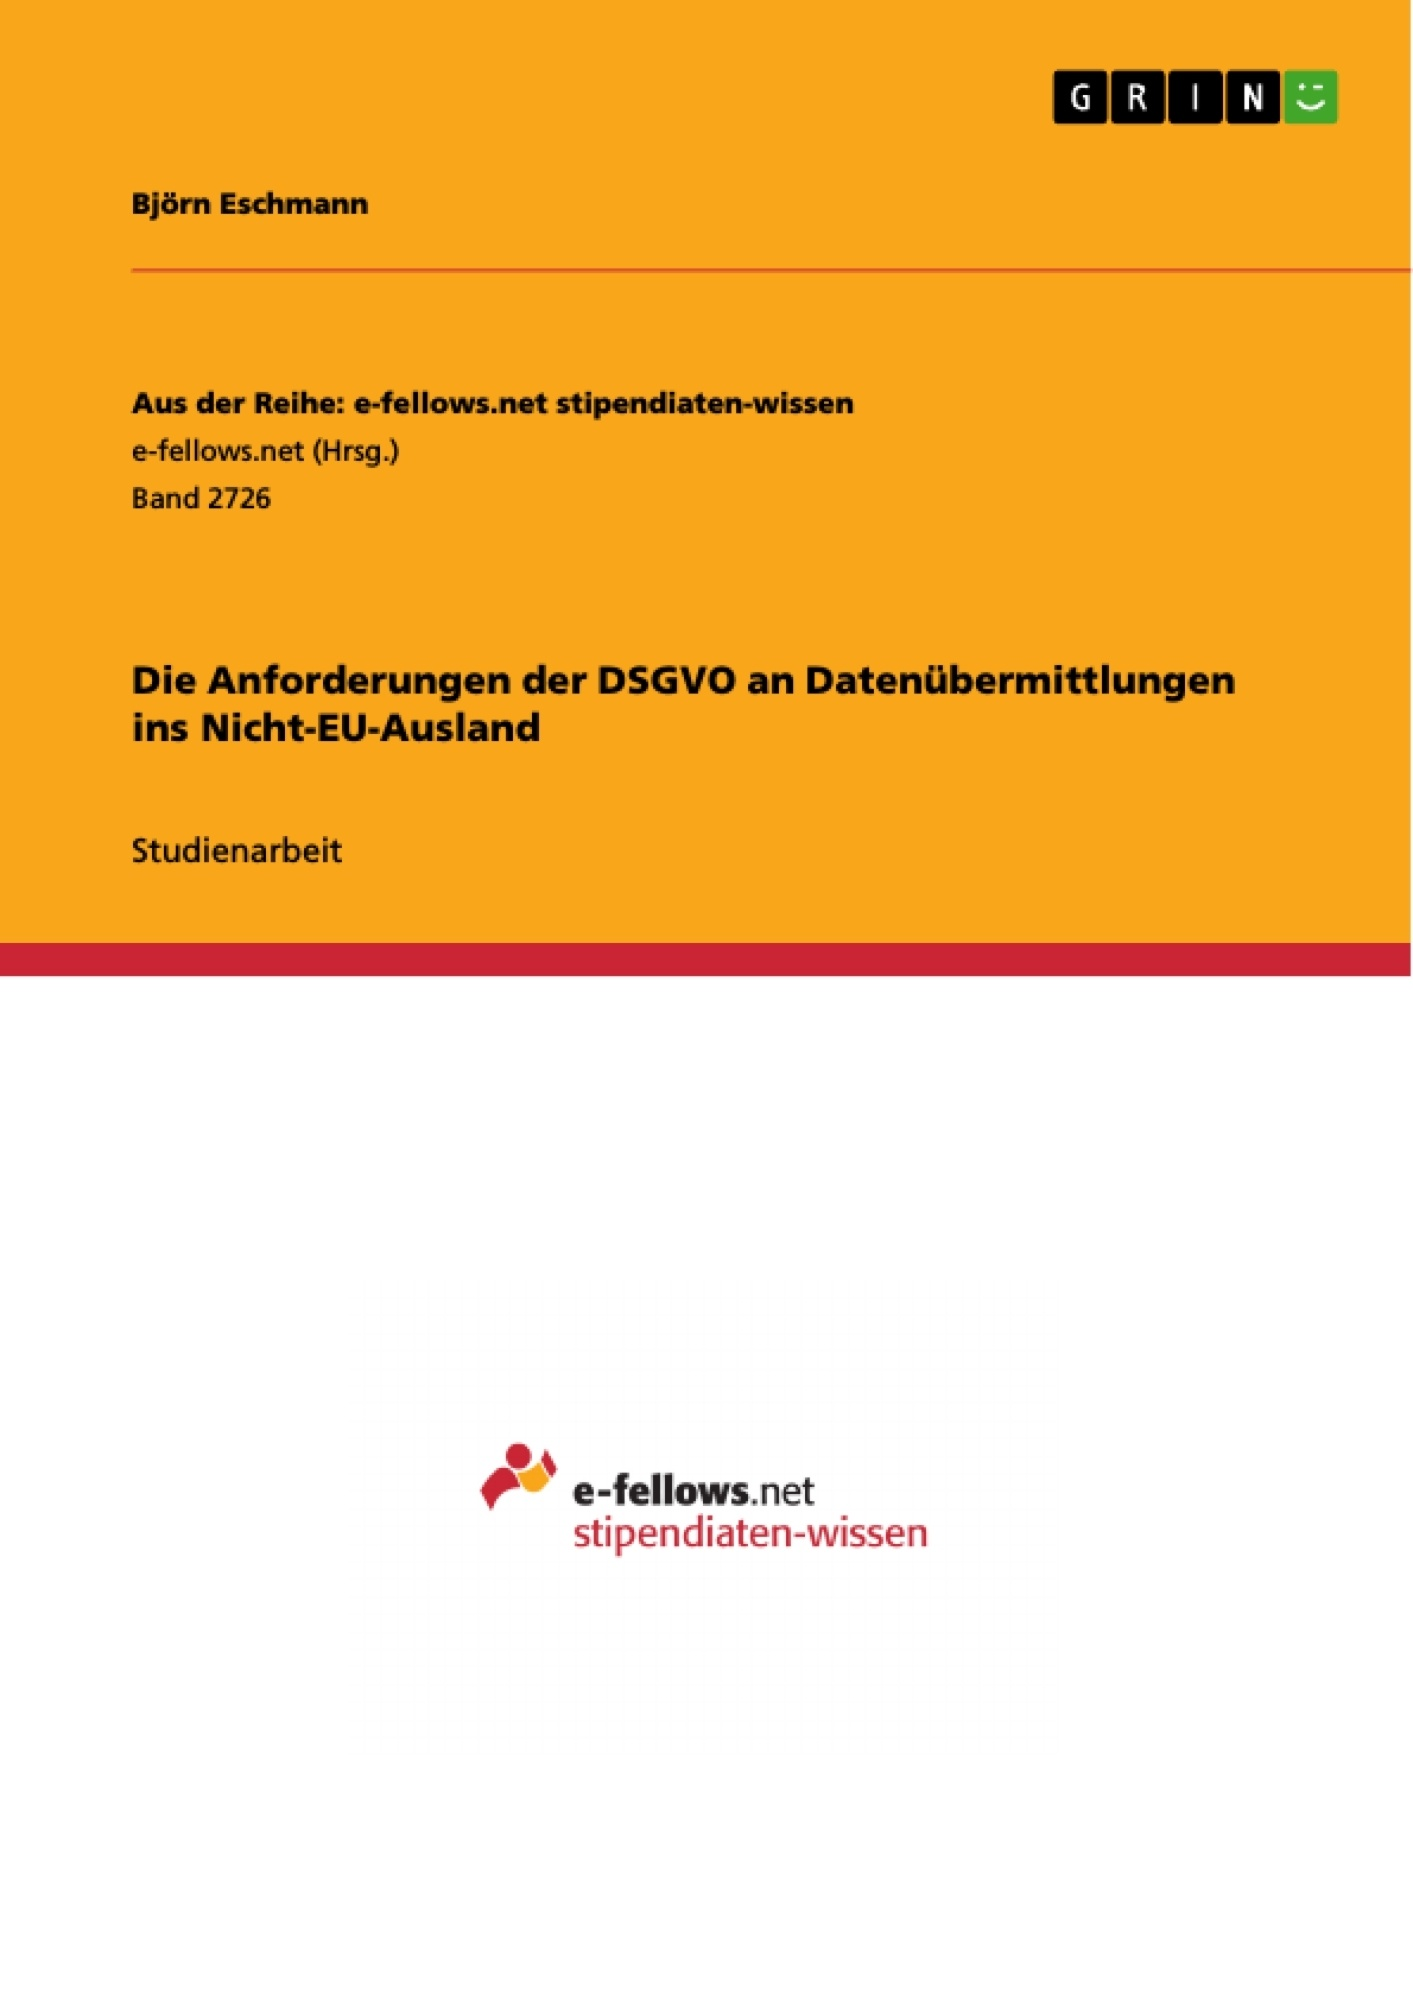 Titel: Die Anforderungen der DSGVO an Datenübermittlungen ins Nicht-EU-Ausland